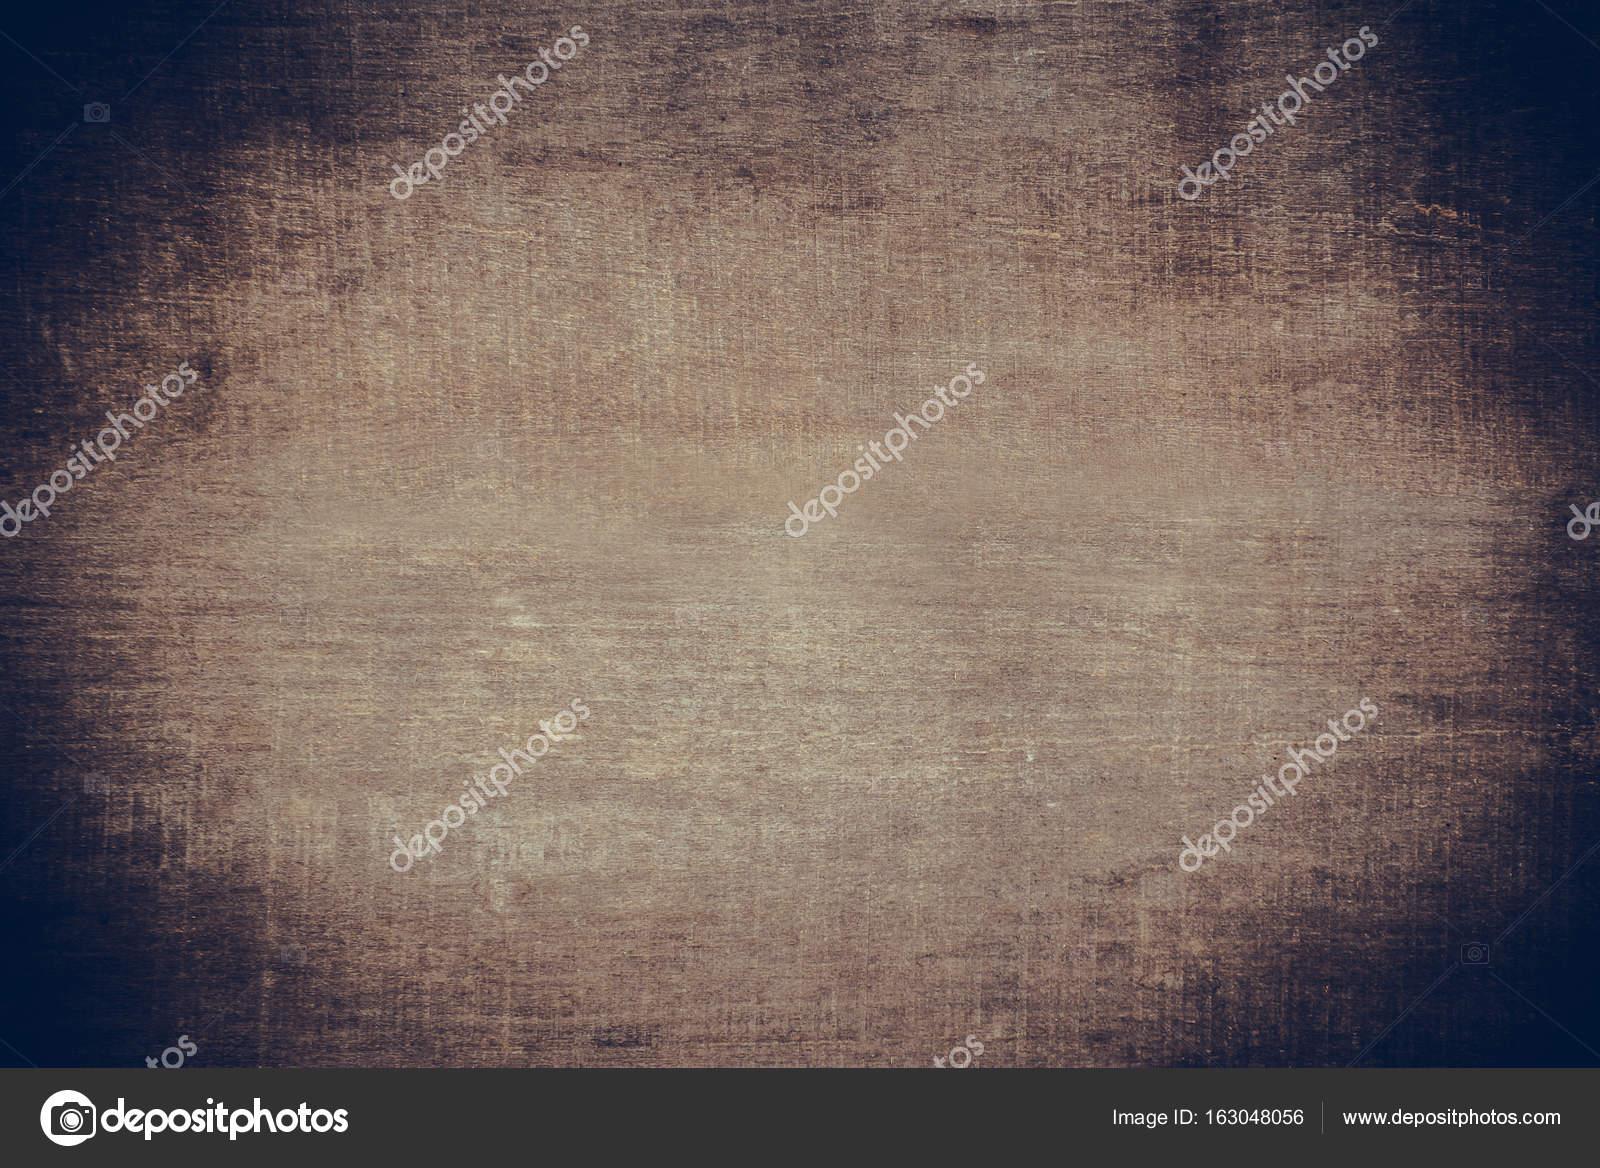 Fondo de textura de madera Grunge marco bordo — Foto de stock ...